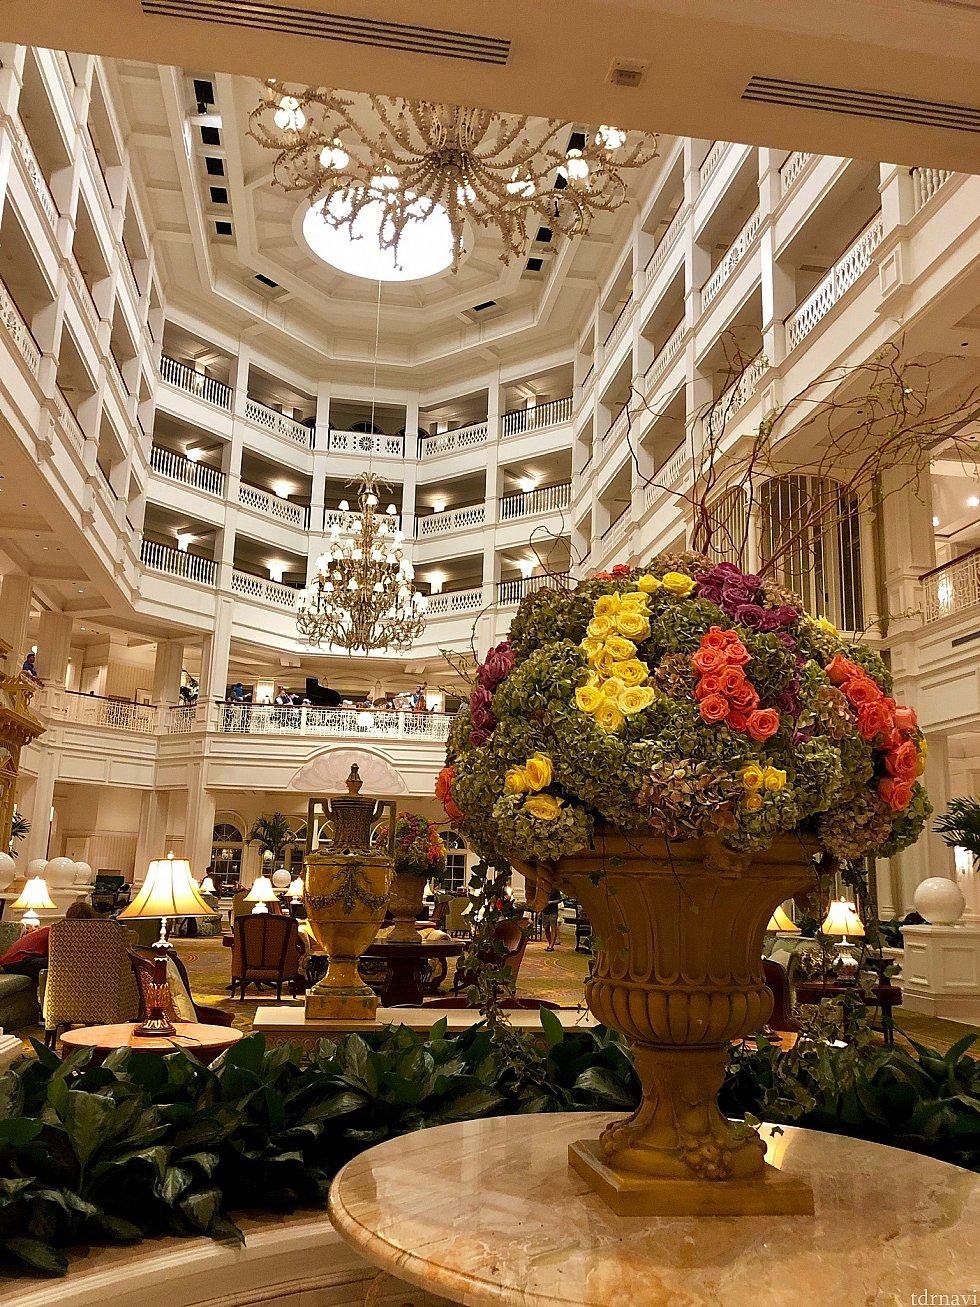 もちろんリゾートのデザインスタイルは、Victorianスタイル。レストランとの繋がりが分かりましたか?